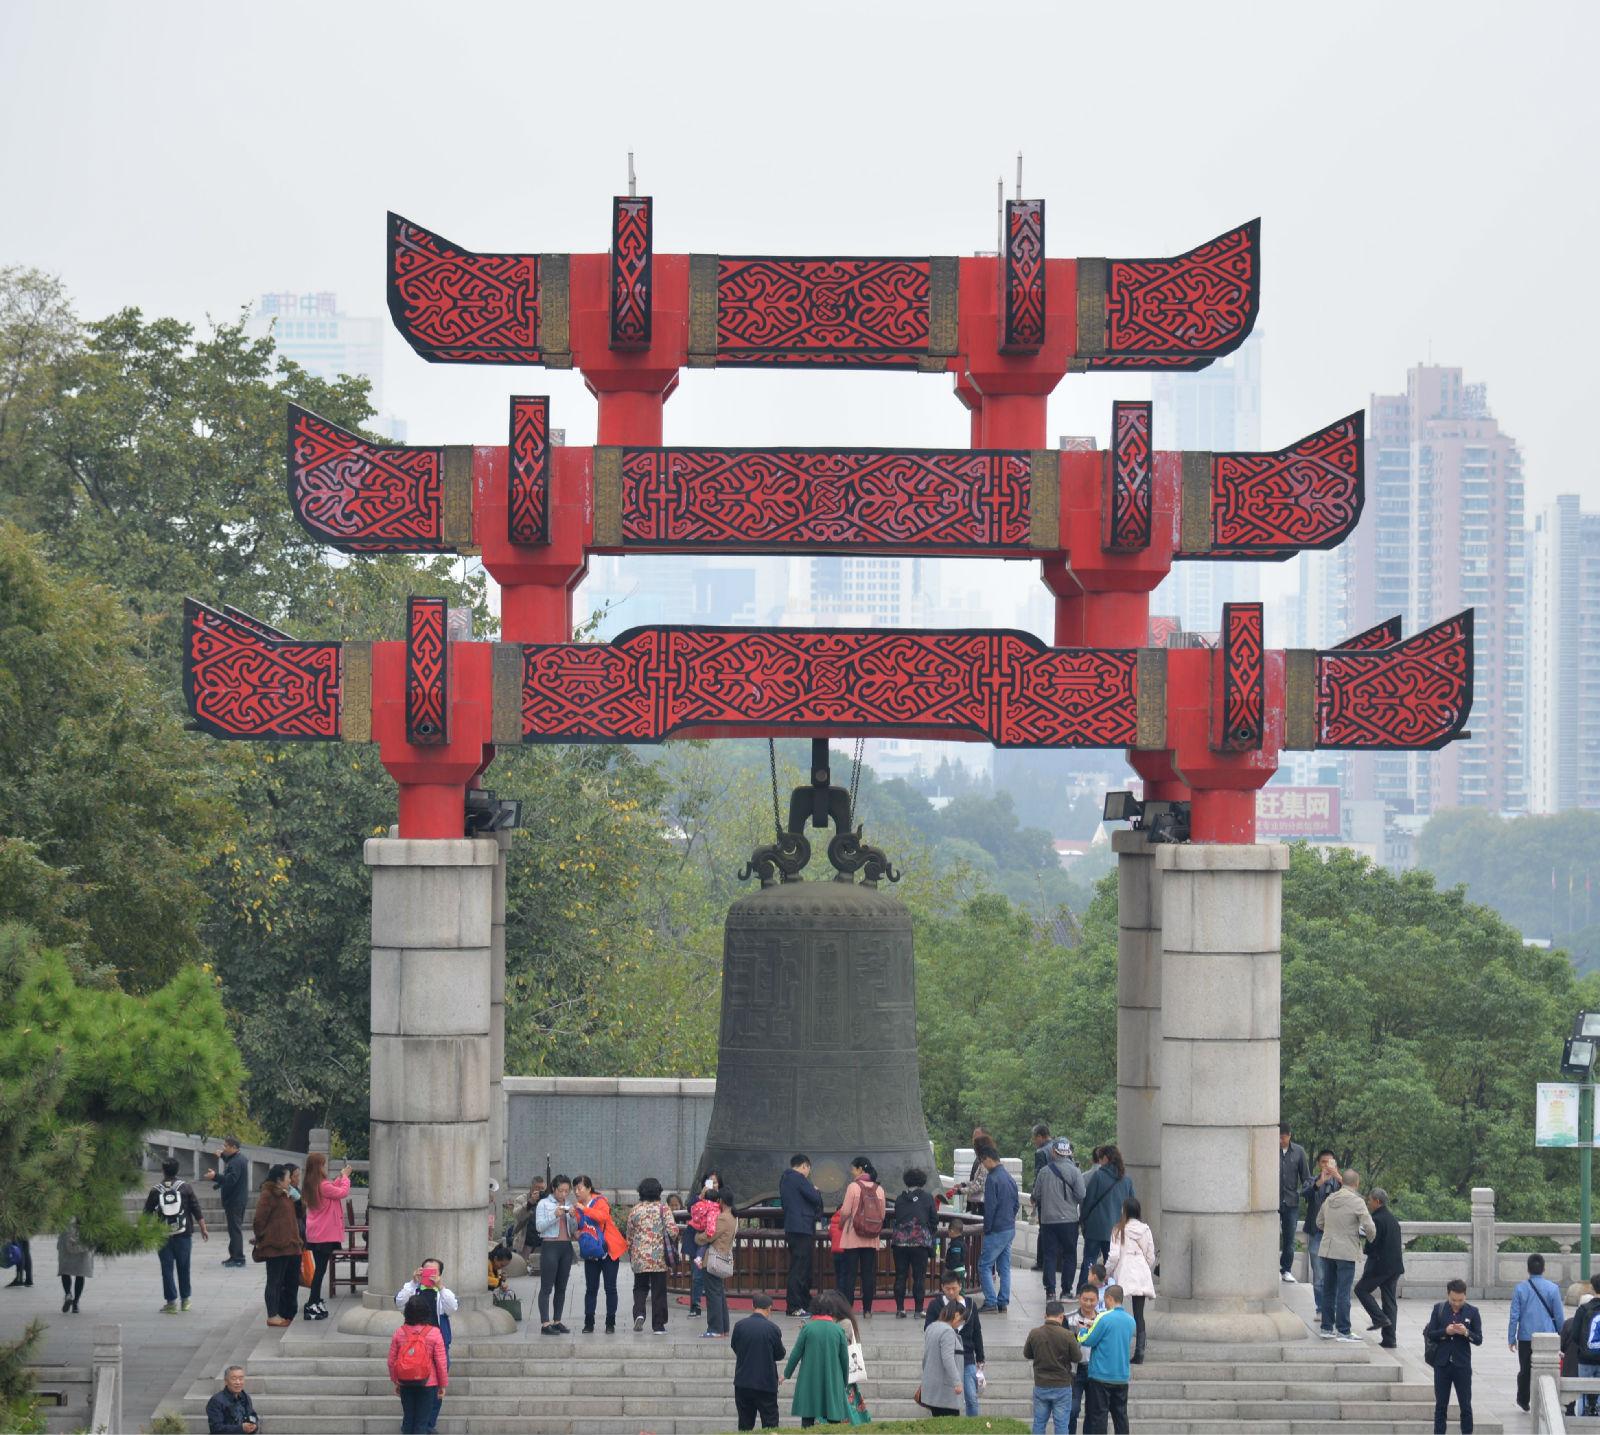 武汉旅游图片网站9在穷游攻略写旅游攻略能赚钱吗图片